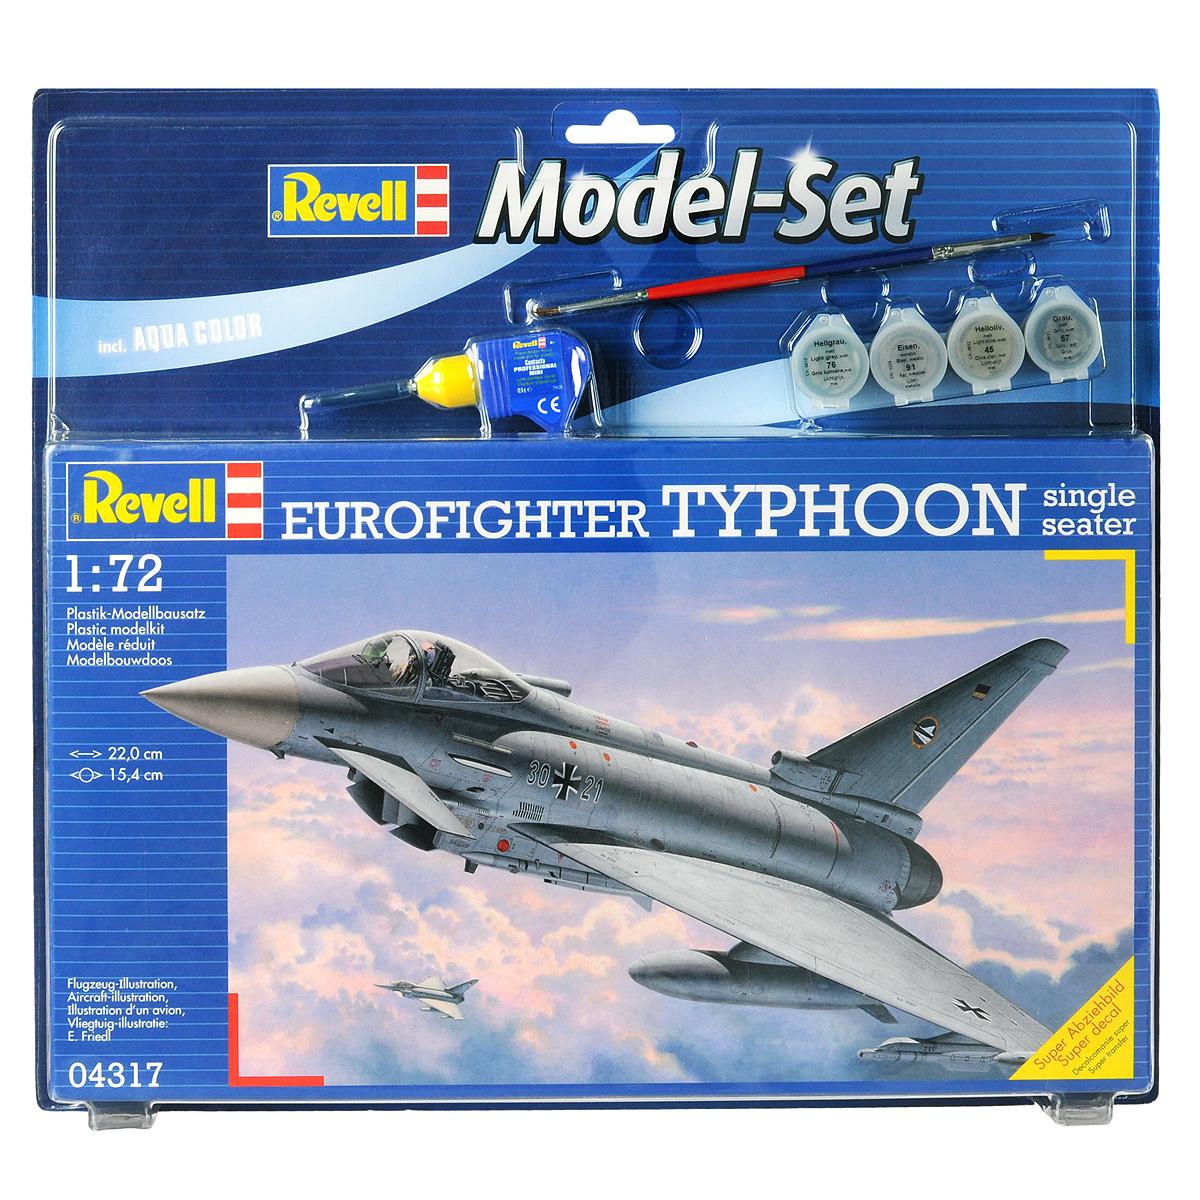 Набор для сборки и раскрашивания модели Revell Самолет Eurofighter Typhoon, 1 пилот04317Набор для сборки и раскрашивания модели Revell Самолет Eurofighter Typhoon вы и ваш ребенок сможете собрать уменьшенную копию одноименного самолета. Опытный образец самолета четвертого поколения впервые поднялся в воздух в 1994 году. С 2003 года Eurofighter стал поступать в эскадрильи ВВС ряда европейских стран. Всего было построено 355 машин. Самолет вооружен 27-мм пушкой Маузер BK-27. Кроме того Eurofighter способен нести ракеты и бомбы общим весом в 6500 кг. Набор включает в себя 170 пластиковых элементов для сборки модели, краски четырех цветов, двустороннюю кисточку, клей, фигуру пилота и схематичную инструкцию по сборке. Благодаря набору ваш ребенок научится различать цвета, творчески решать поставленные задачи, разовьет интеллектуальные и инструментальные способности, воображение, конструктивное мышление, внимание, терпение и кругозор. Уровень сложности: 4.